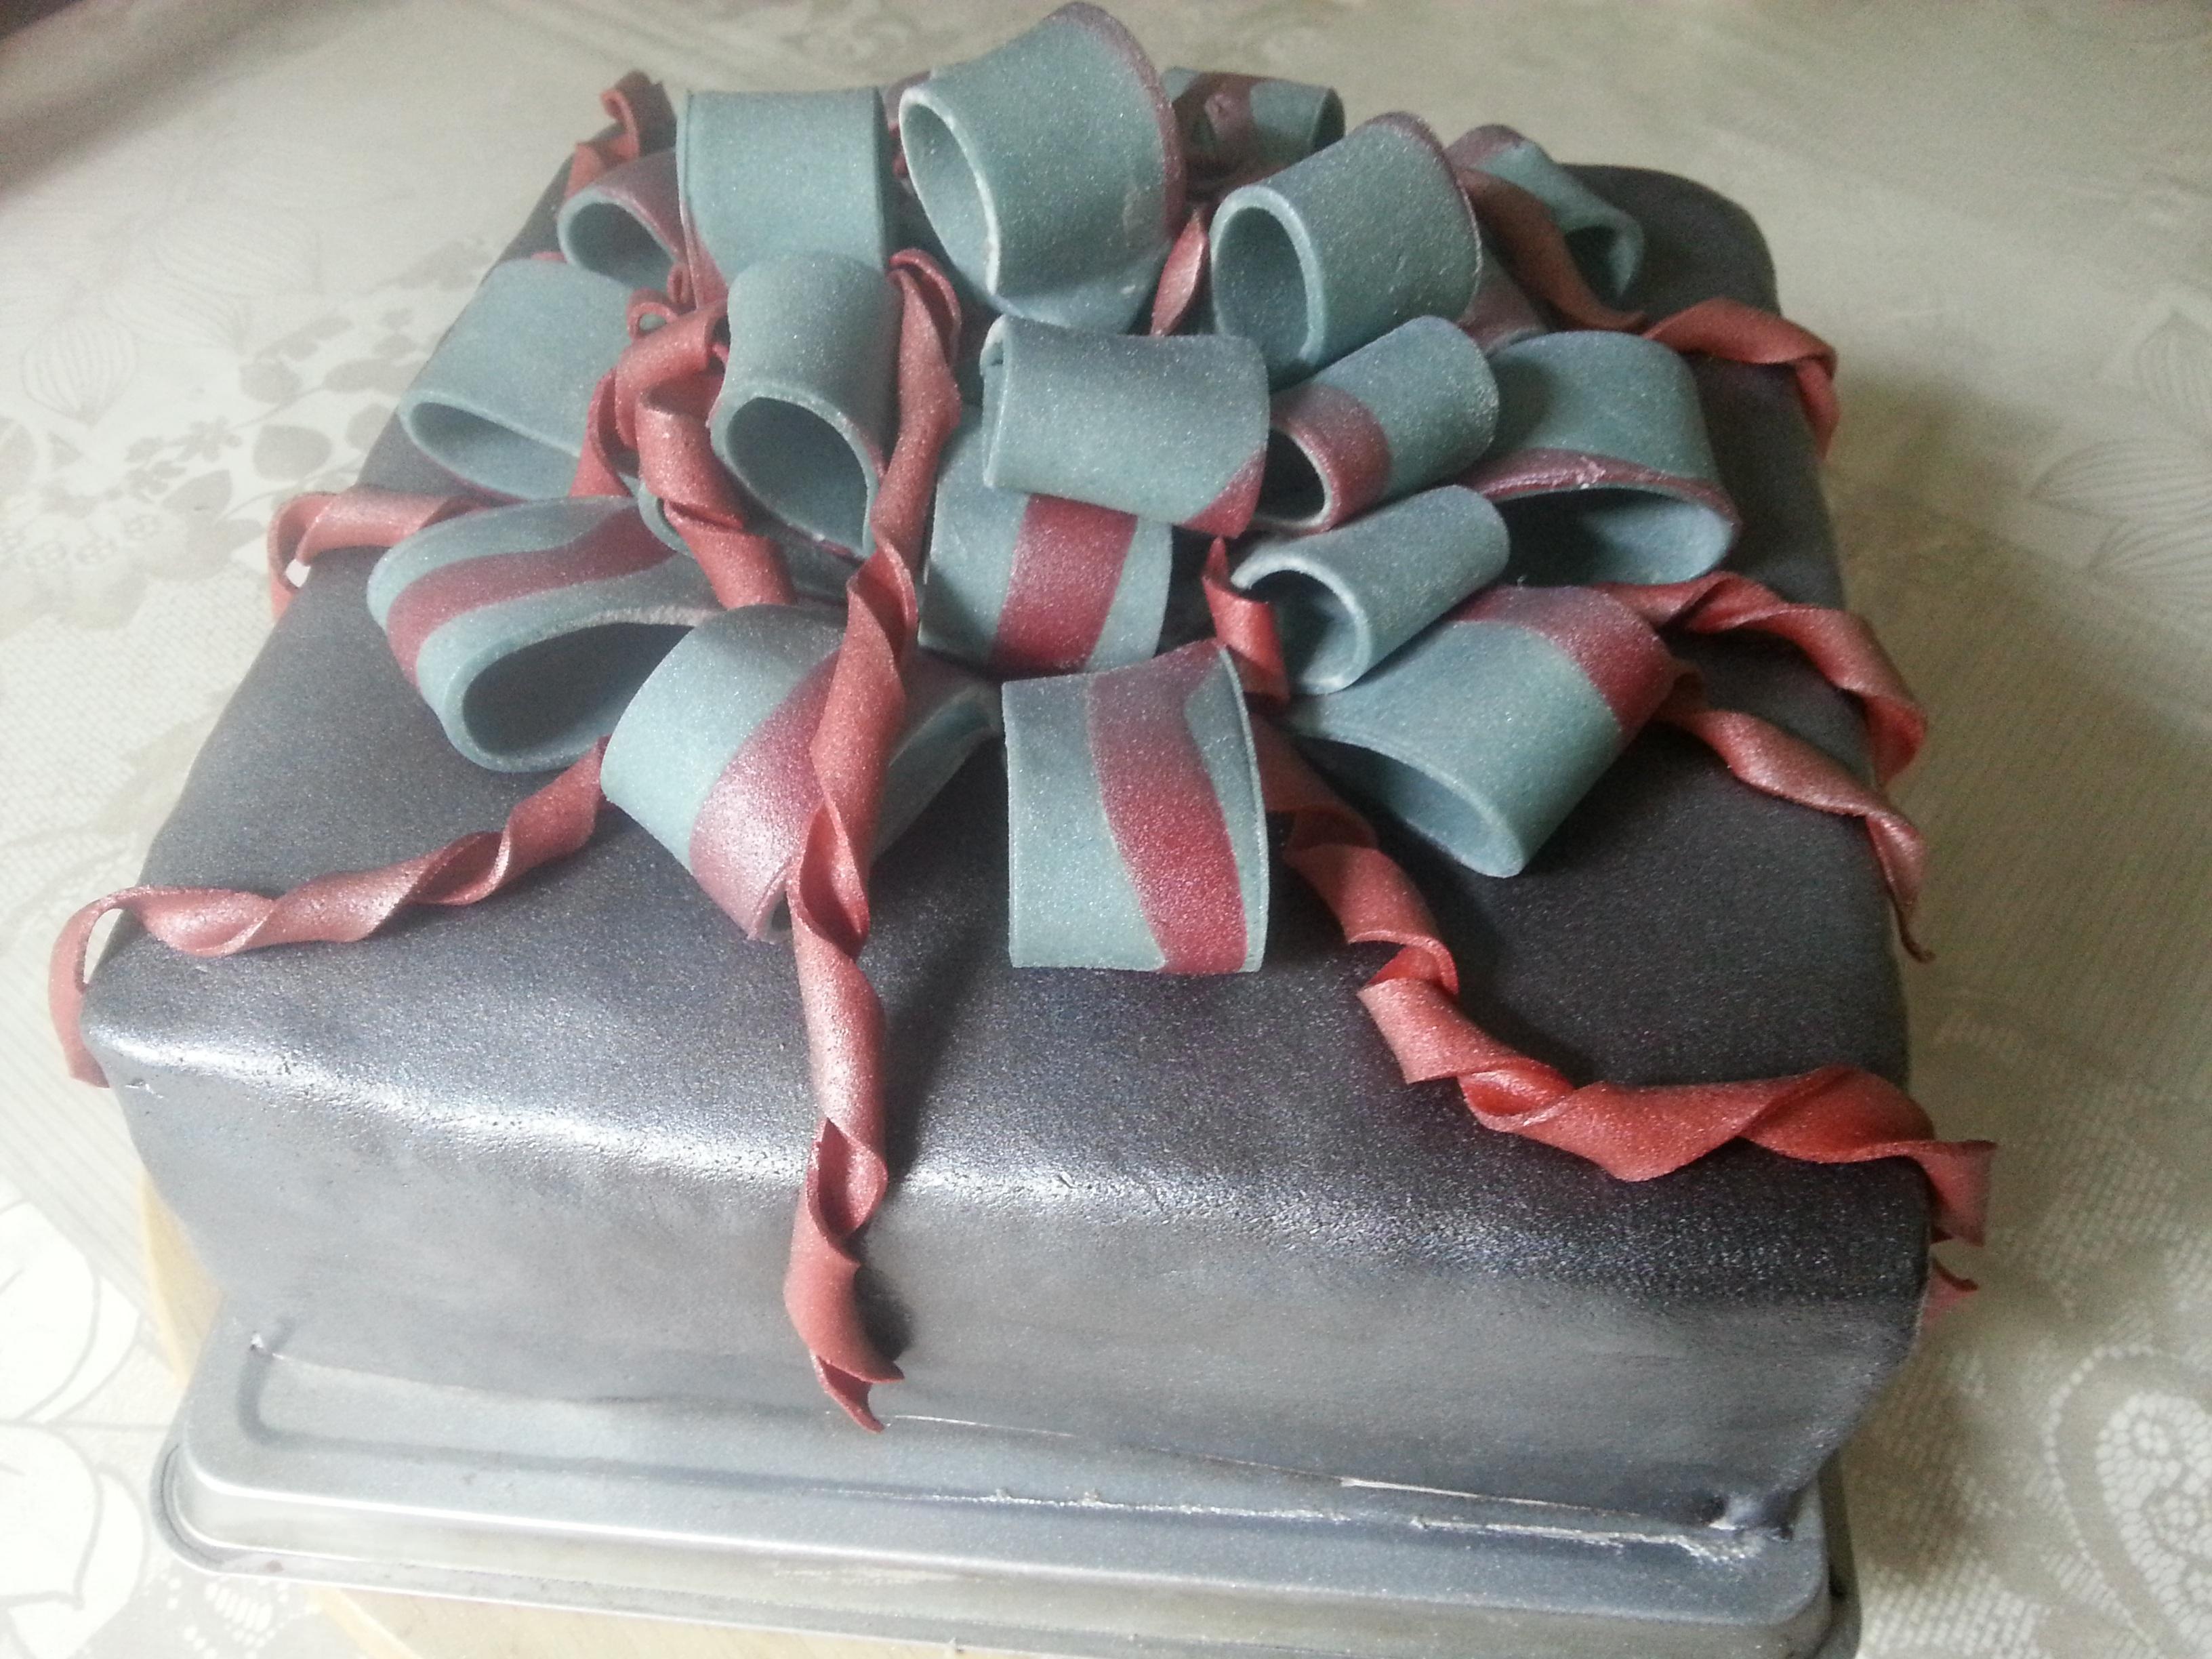 födelsedag överraskning Bakgrundsbilder : mat, dessert, kök, födelsedagstårta, glasyr, år  födelsedag överraskning